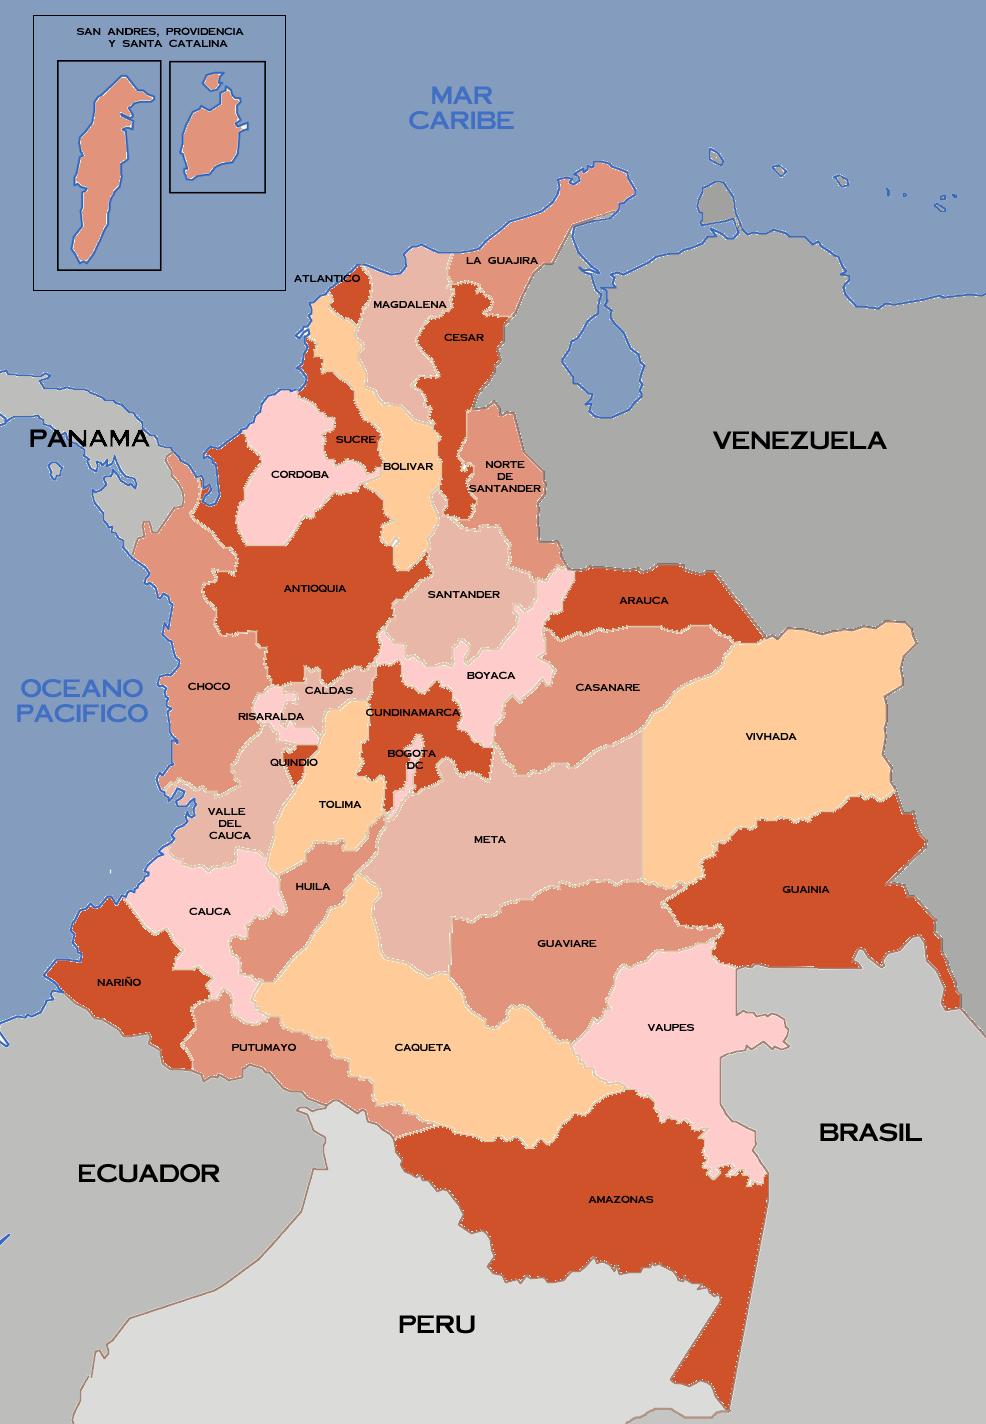 File:Mapa de los departamentos de Colombia 32.png - Wikimedia Commons